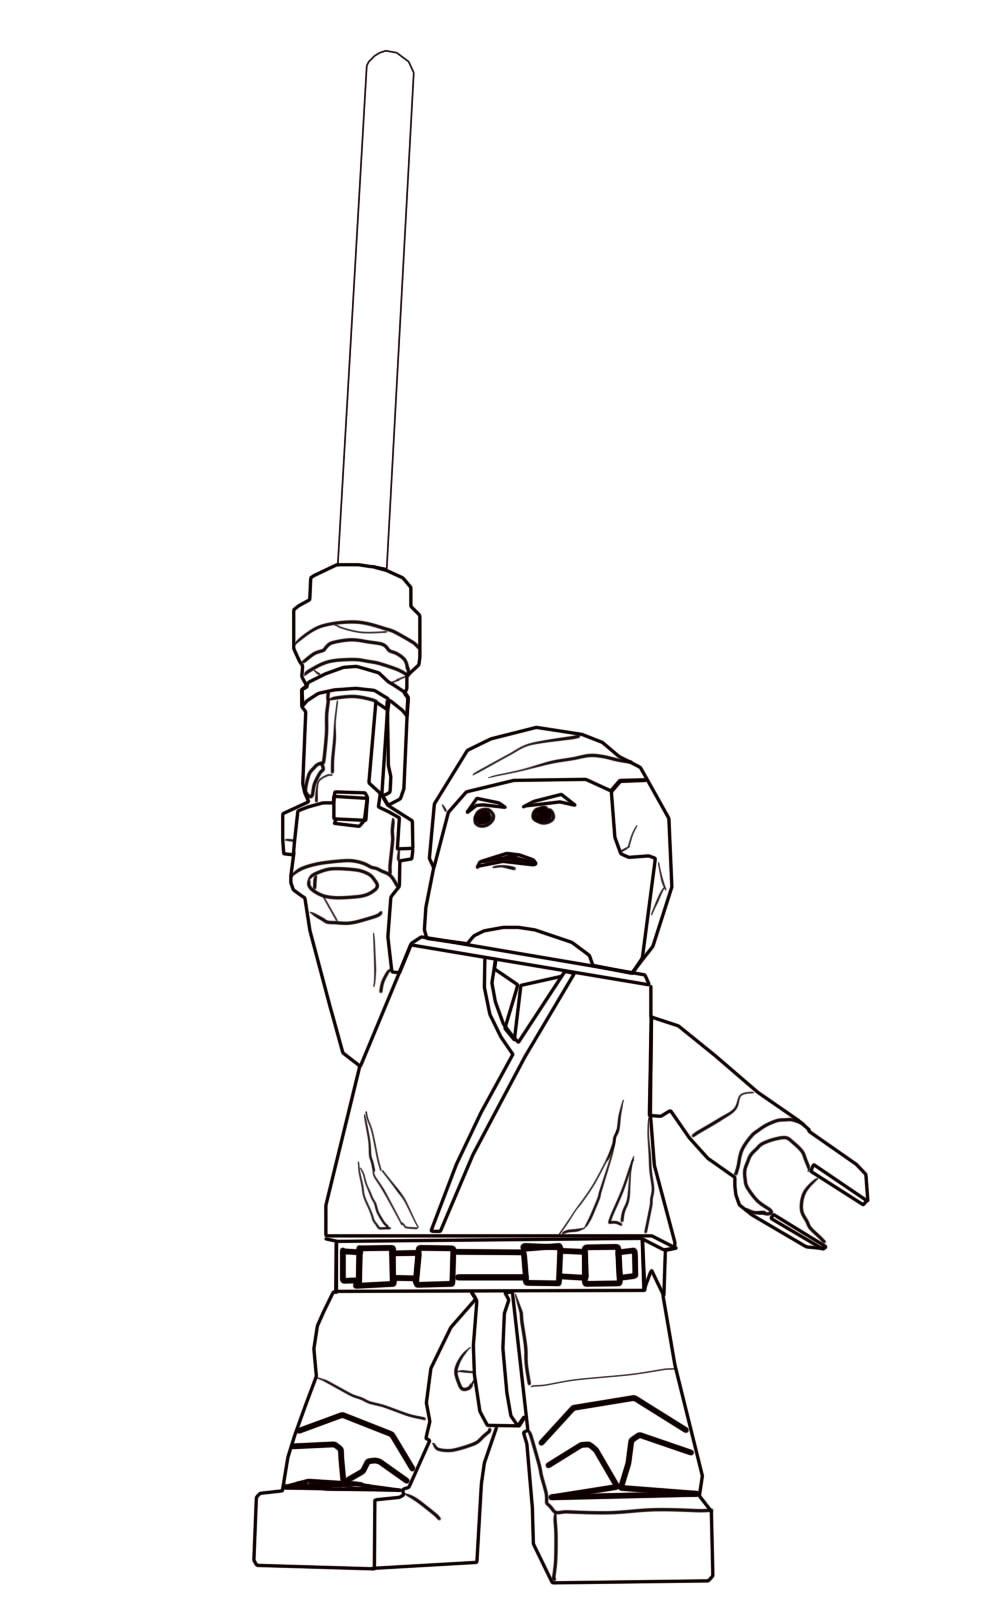 Luke Skywalker Lego Star Wars Coloring Pages